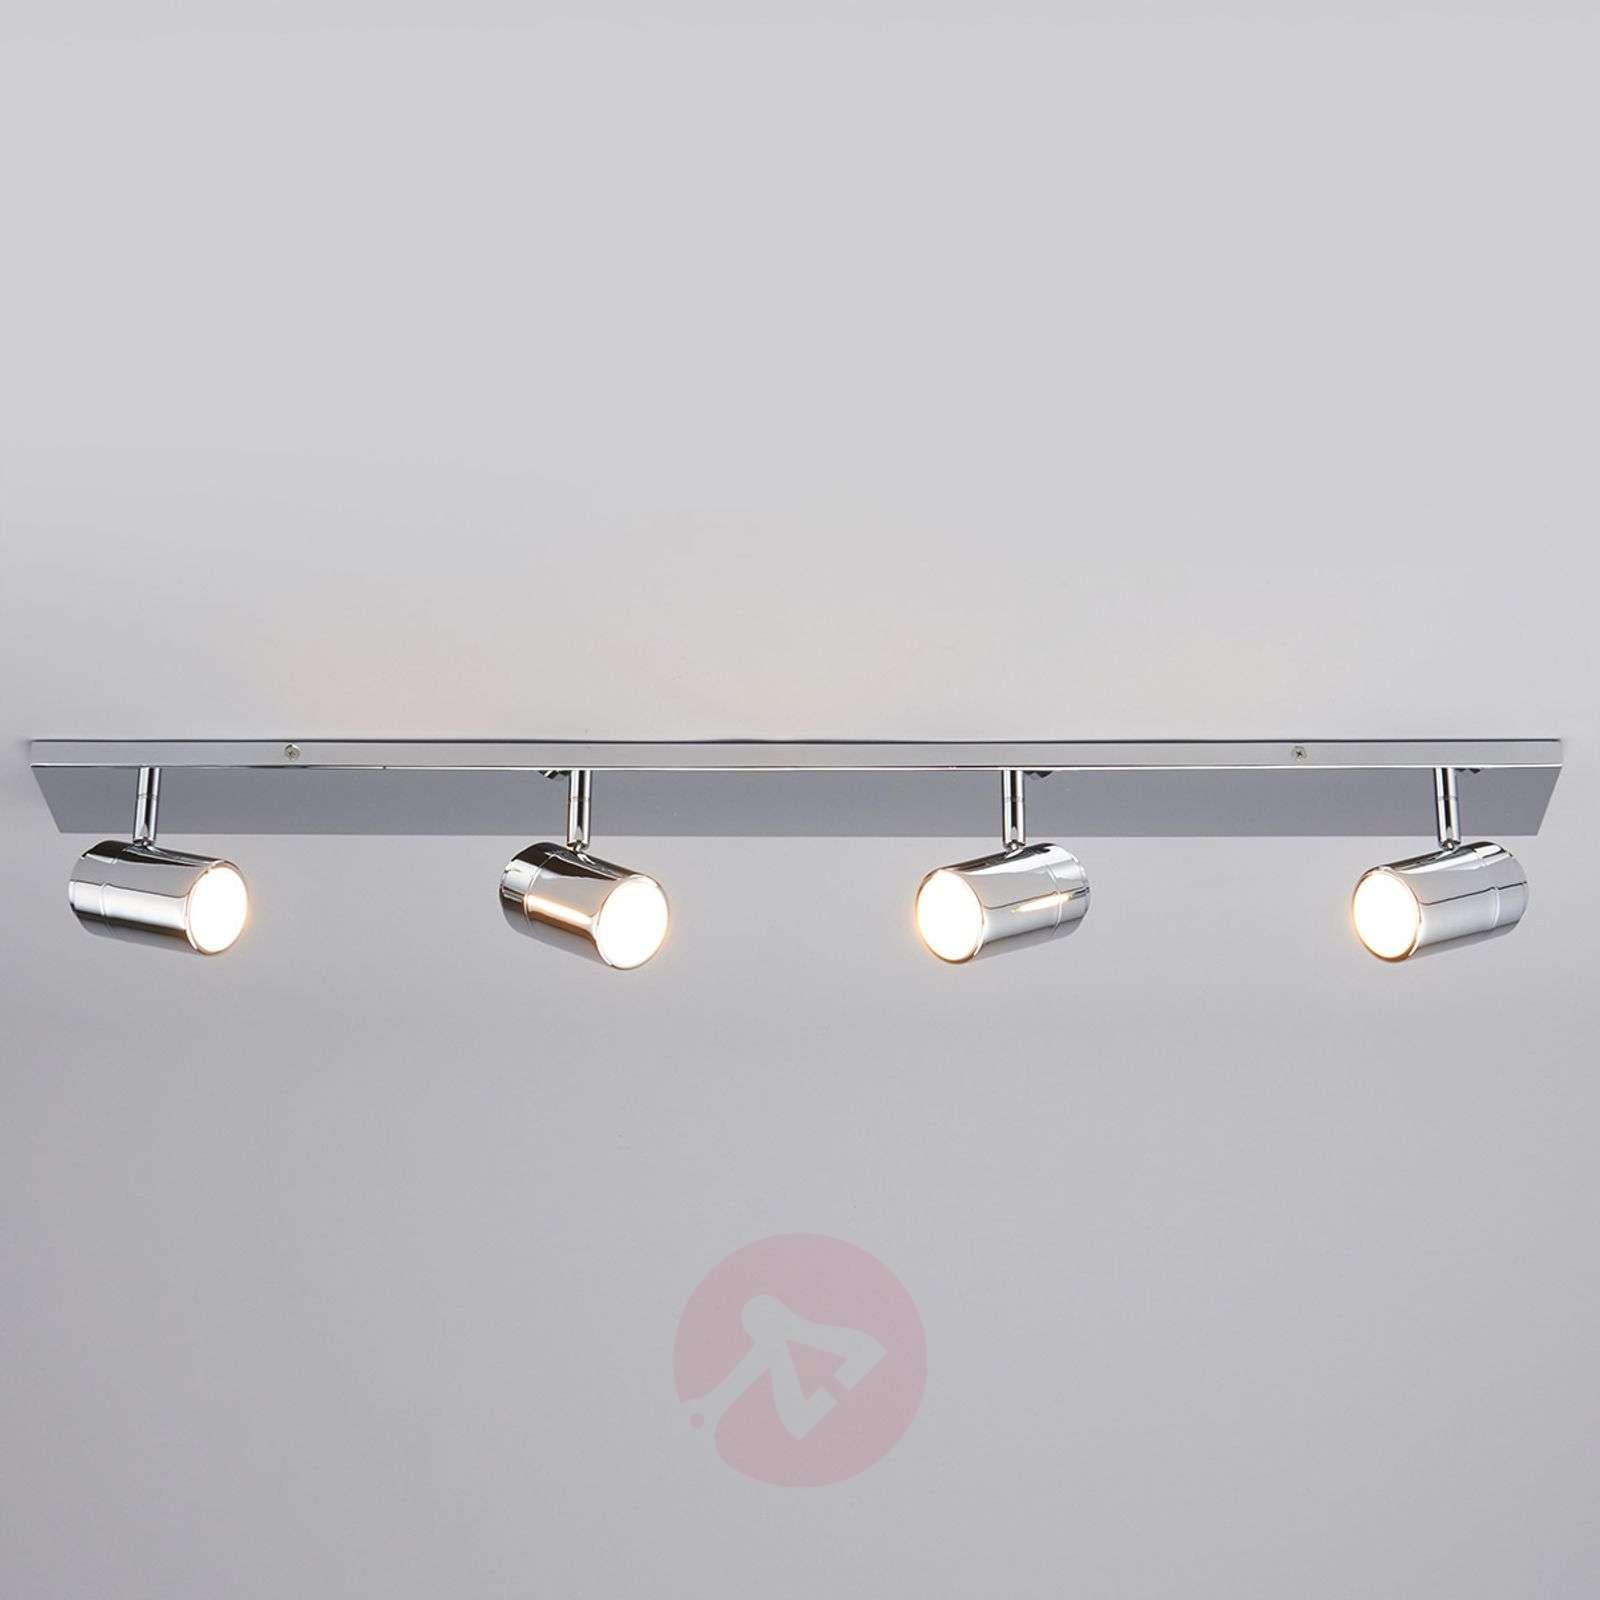 Dejan 4-bulb bathroom ceiling light-9641040-01